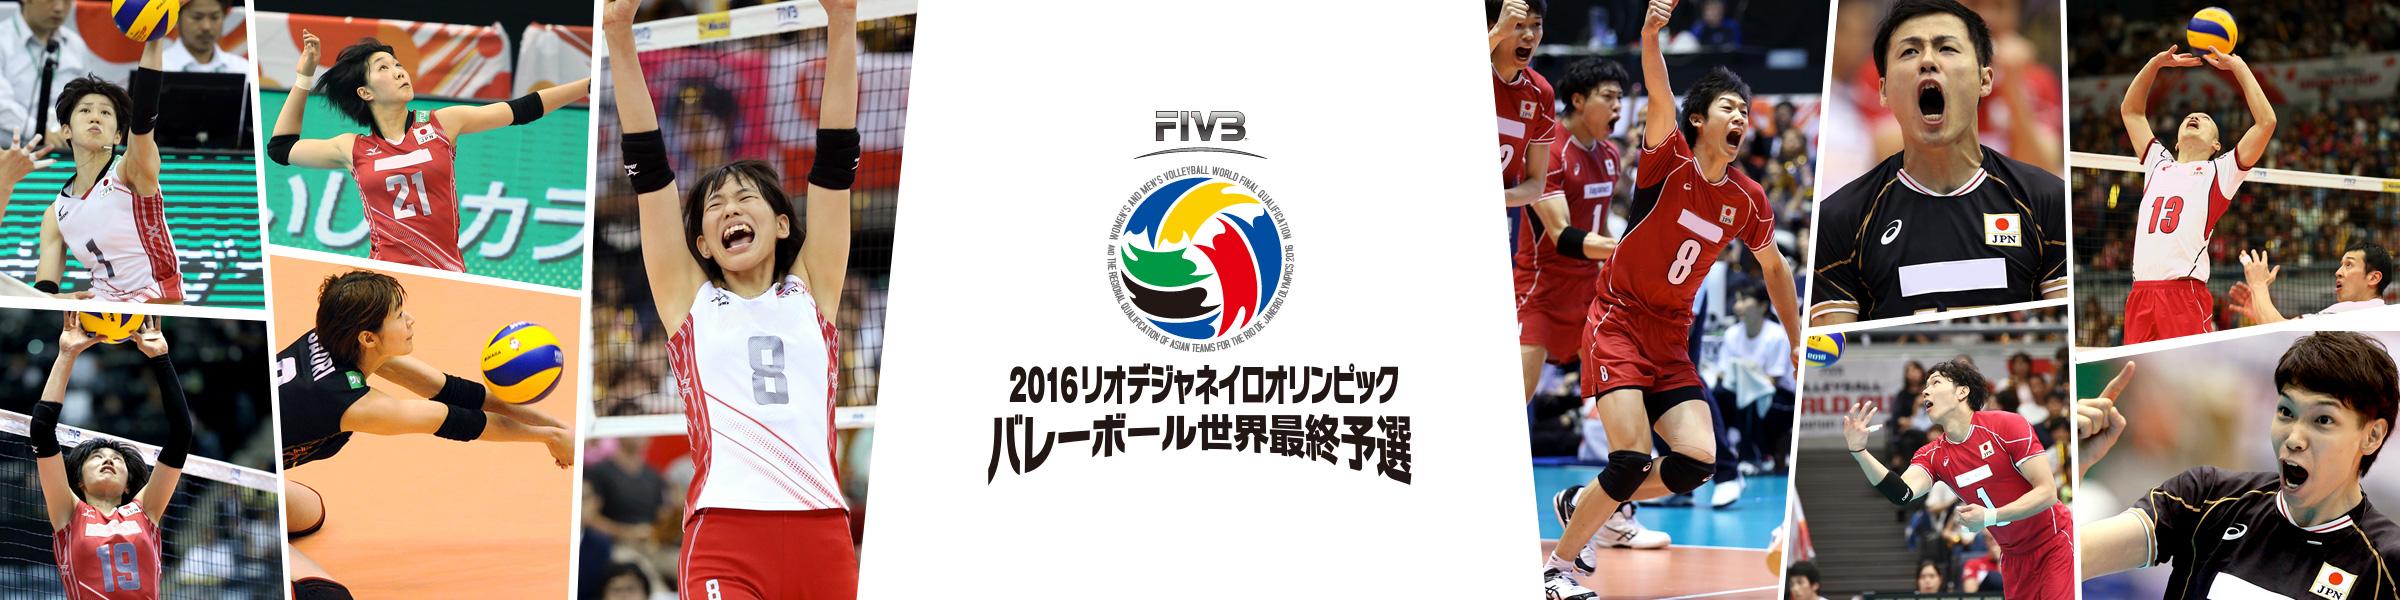 画像: 2016リオデジャネイロオリンピックバレーボール世界最終予選